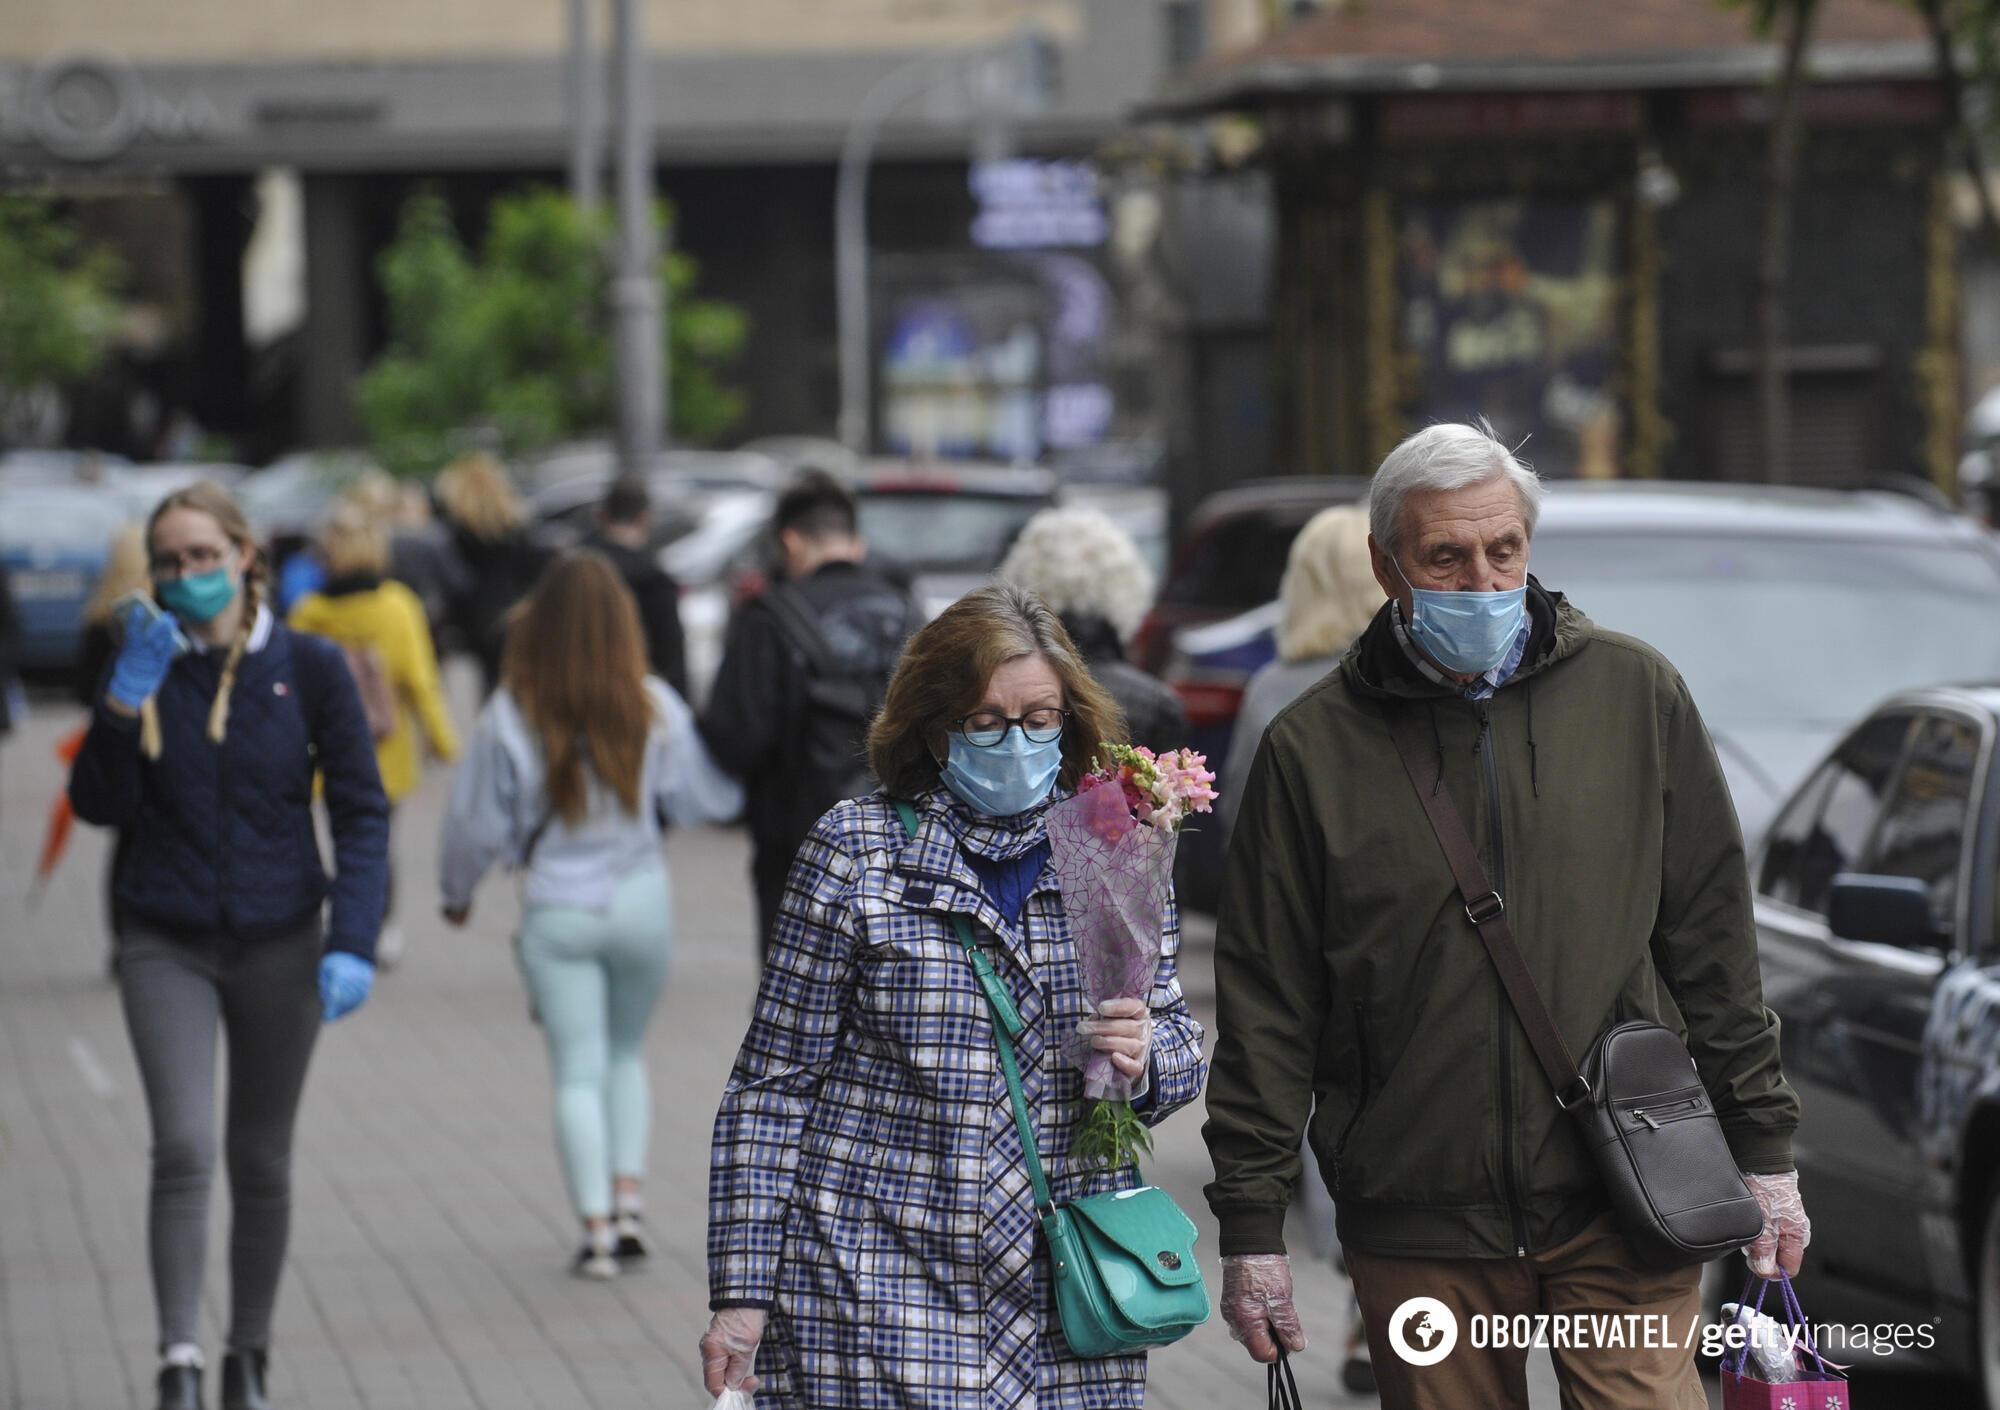 Постановление правительства о введении карантина может противоречить определенным нормам Конституции Украины